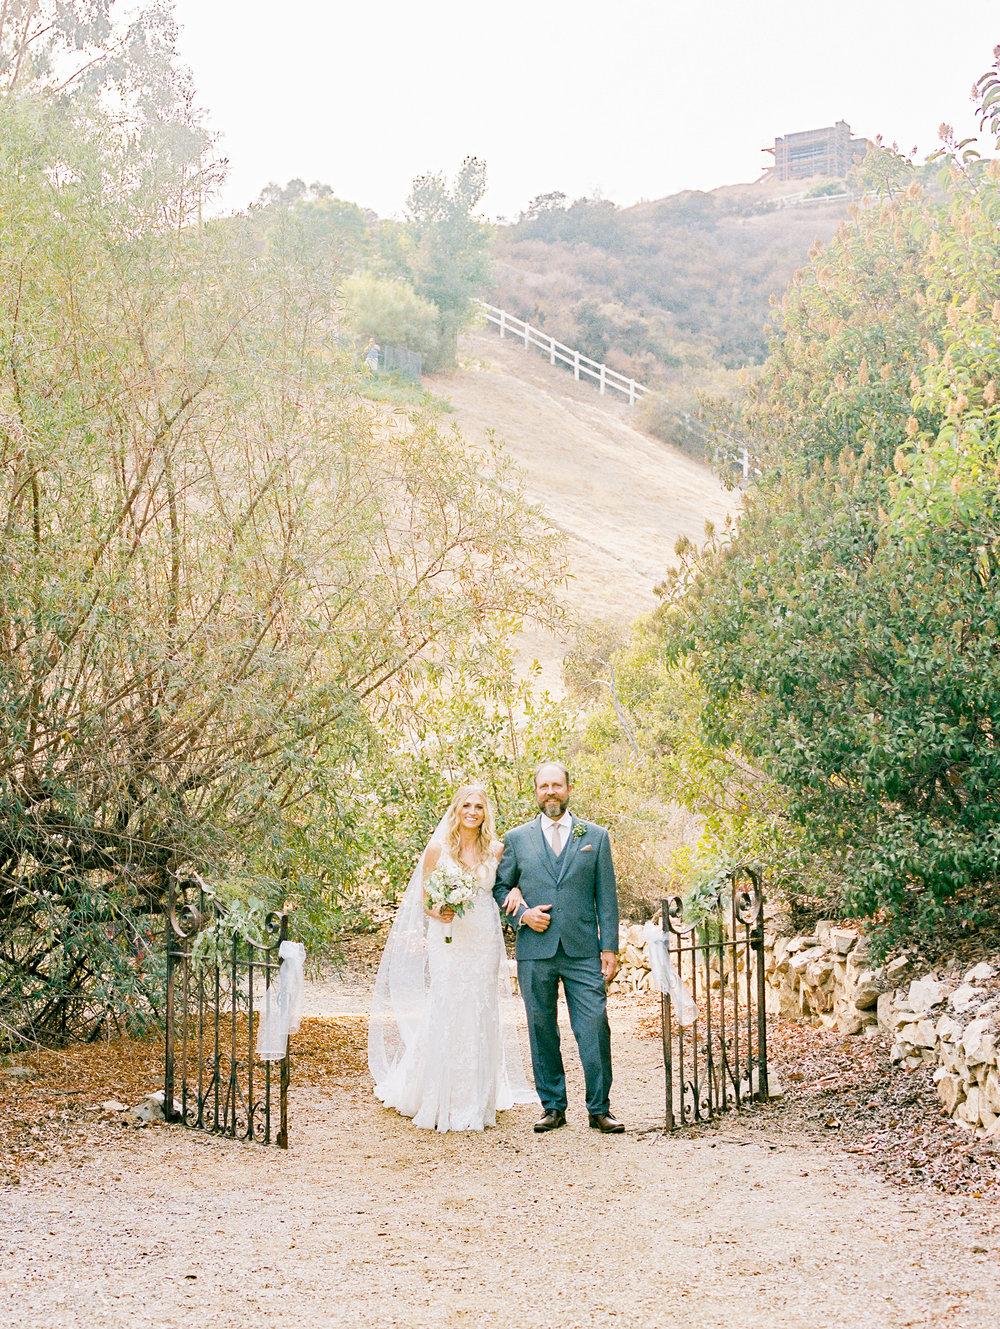 dennisroycoronel_ashleyanthony_vanessahudgens_austinbutler_wedding_losangeles_photographer-122.jpg